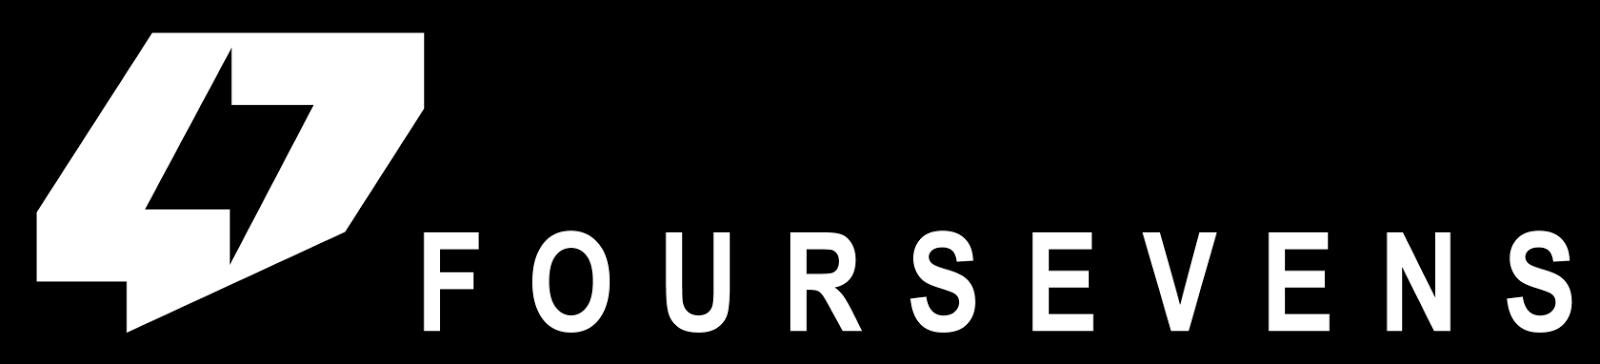 foursevens-logo-47.png